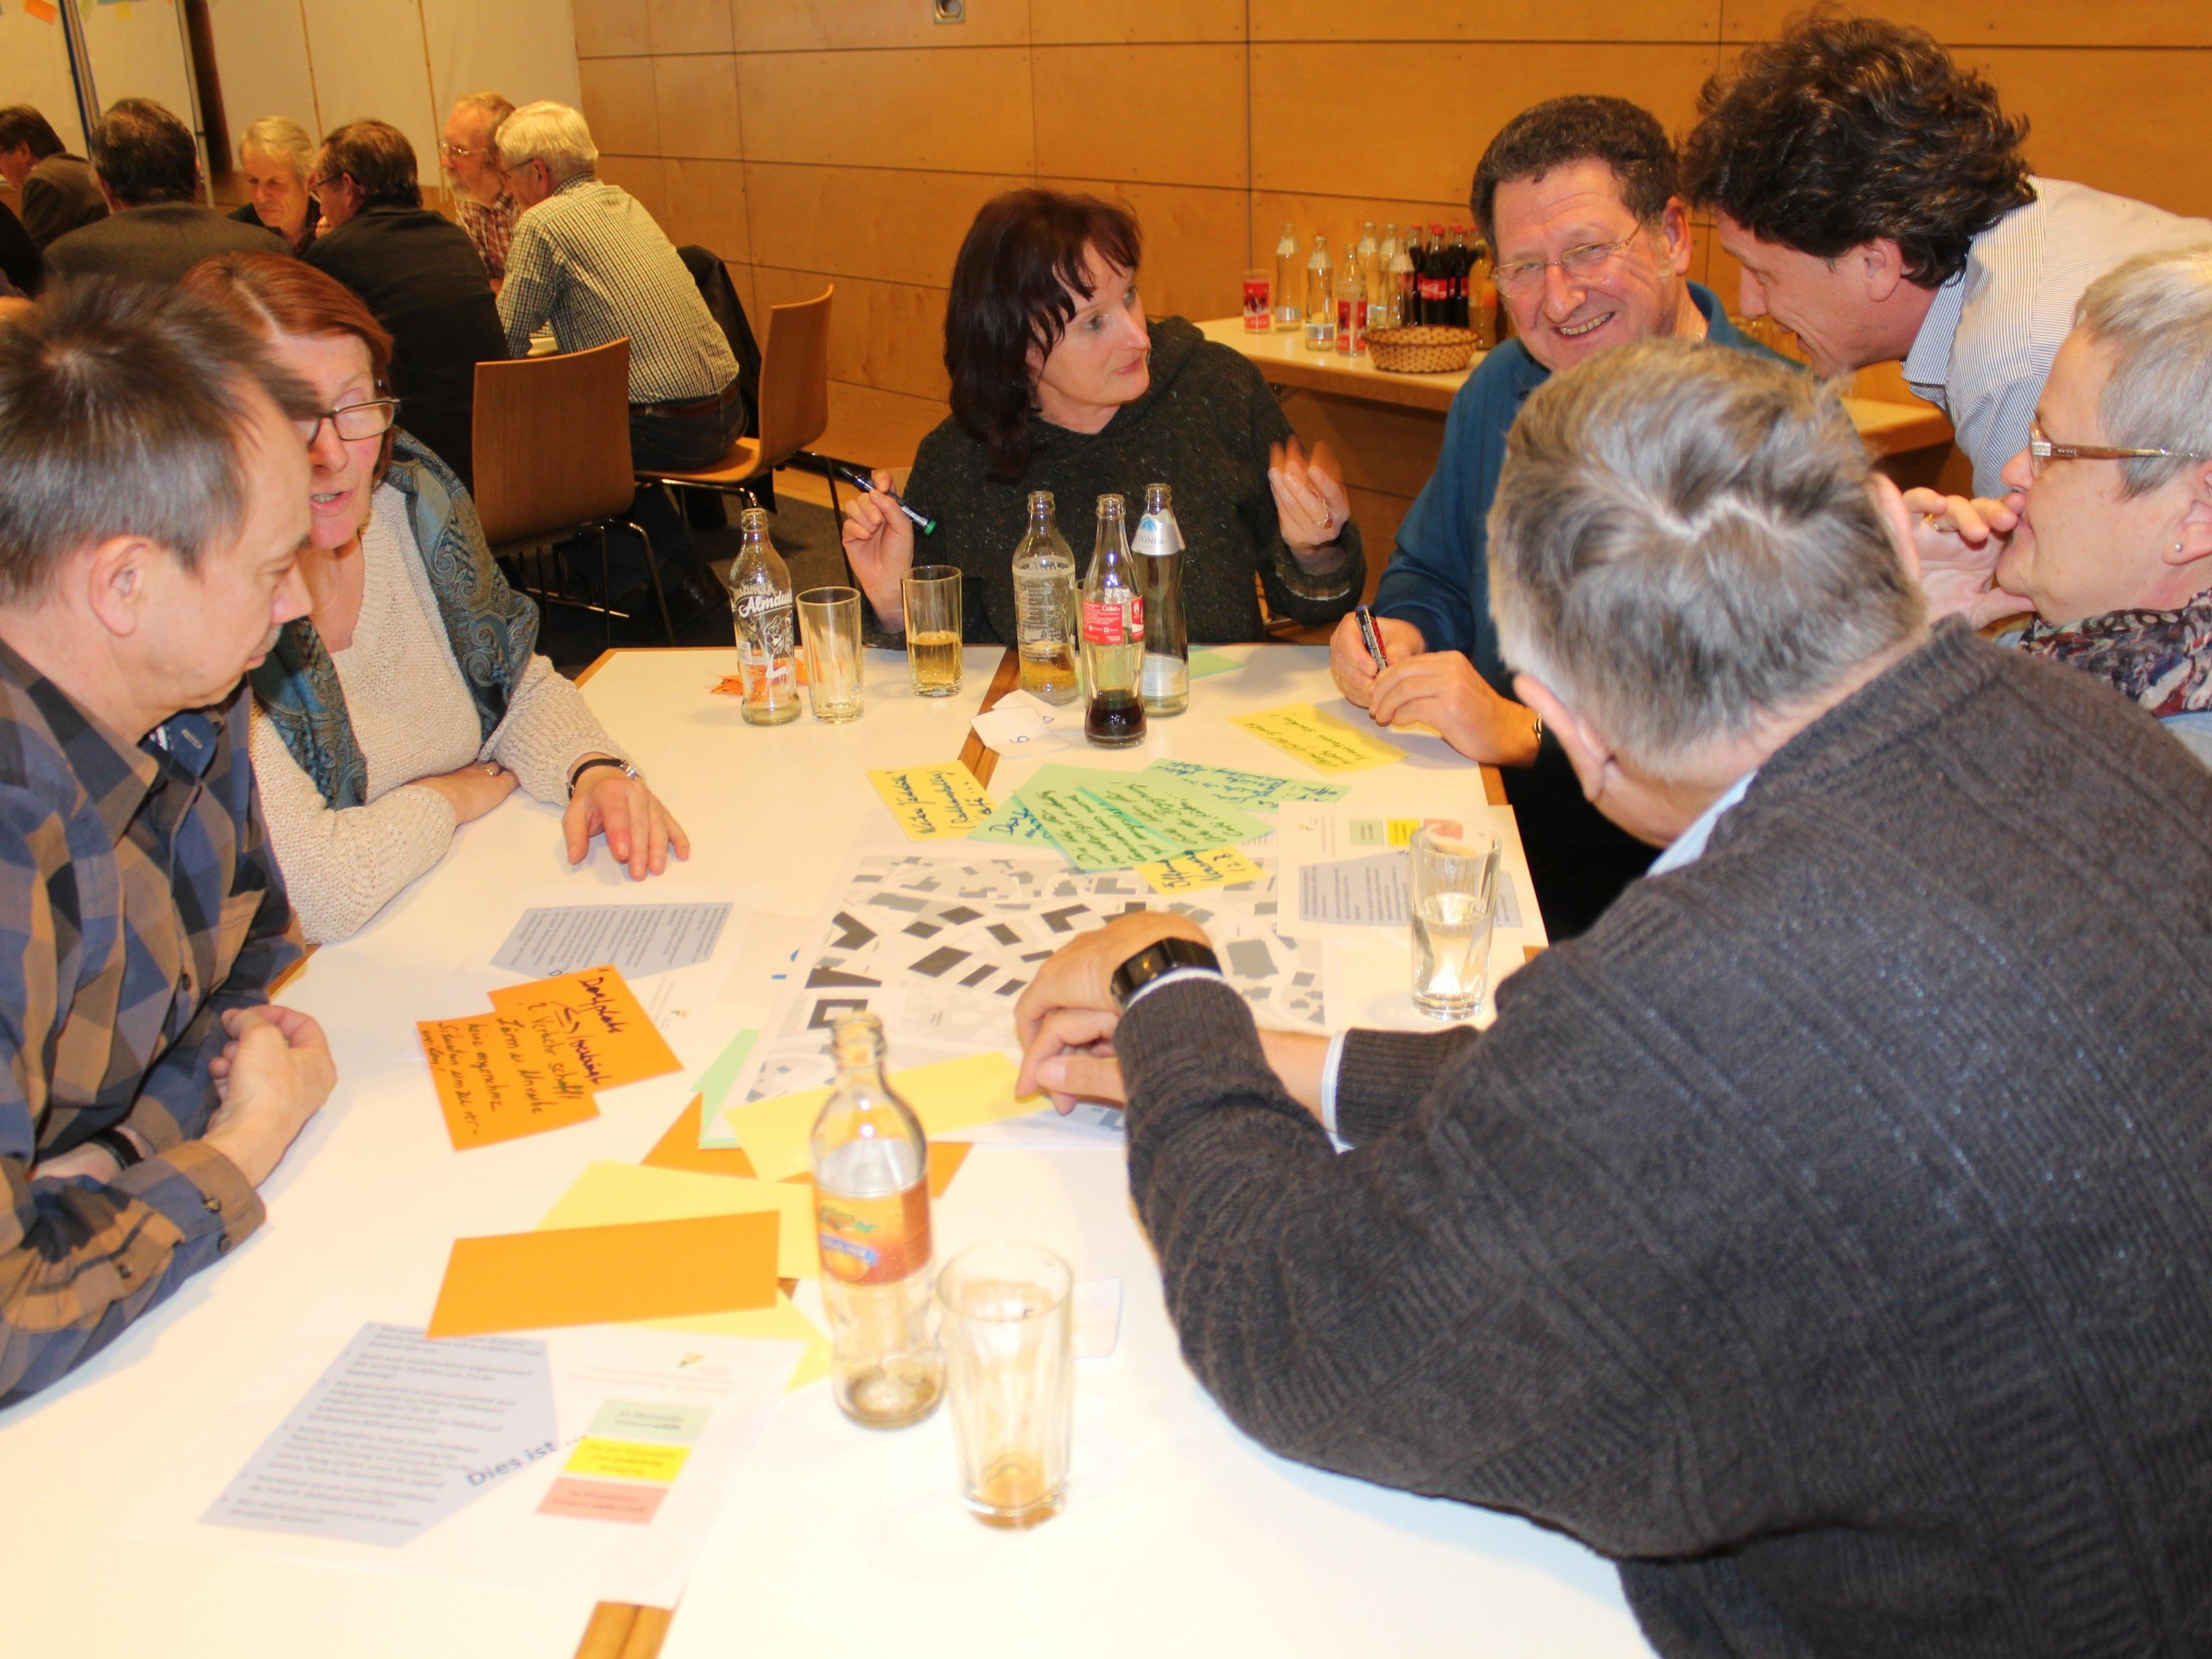 Viele Anregungen zur Zentrumsentwicklung im Adalbert-Welte-Saal